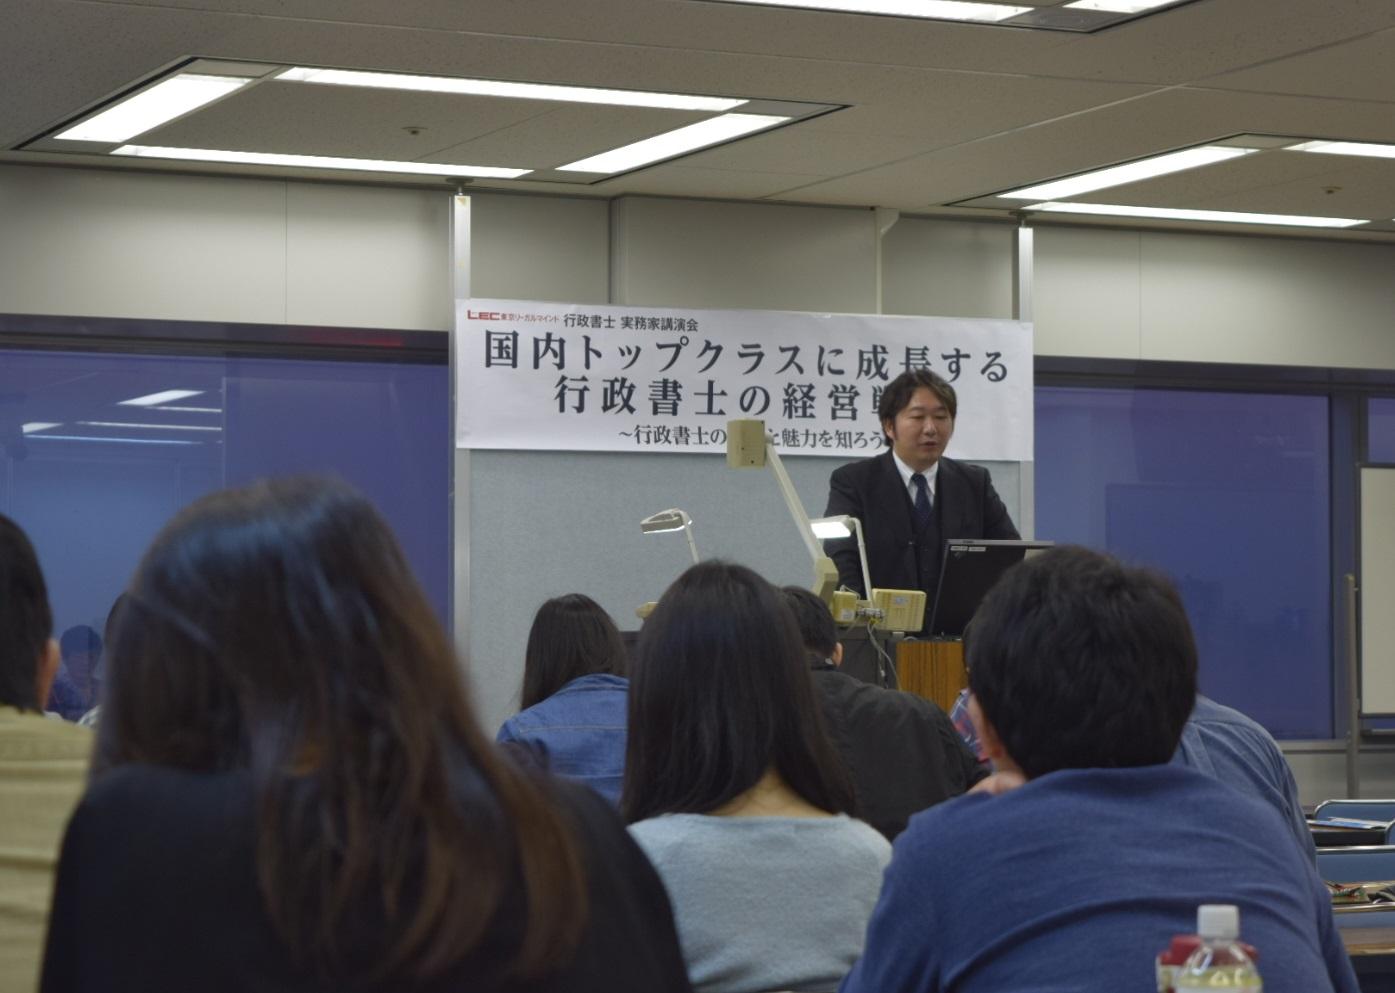 黒田先生講演会